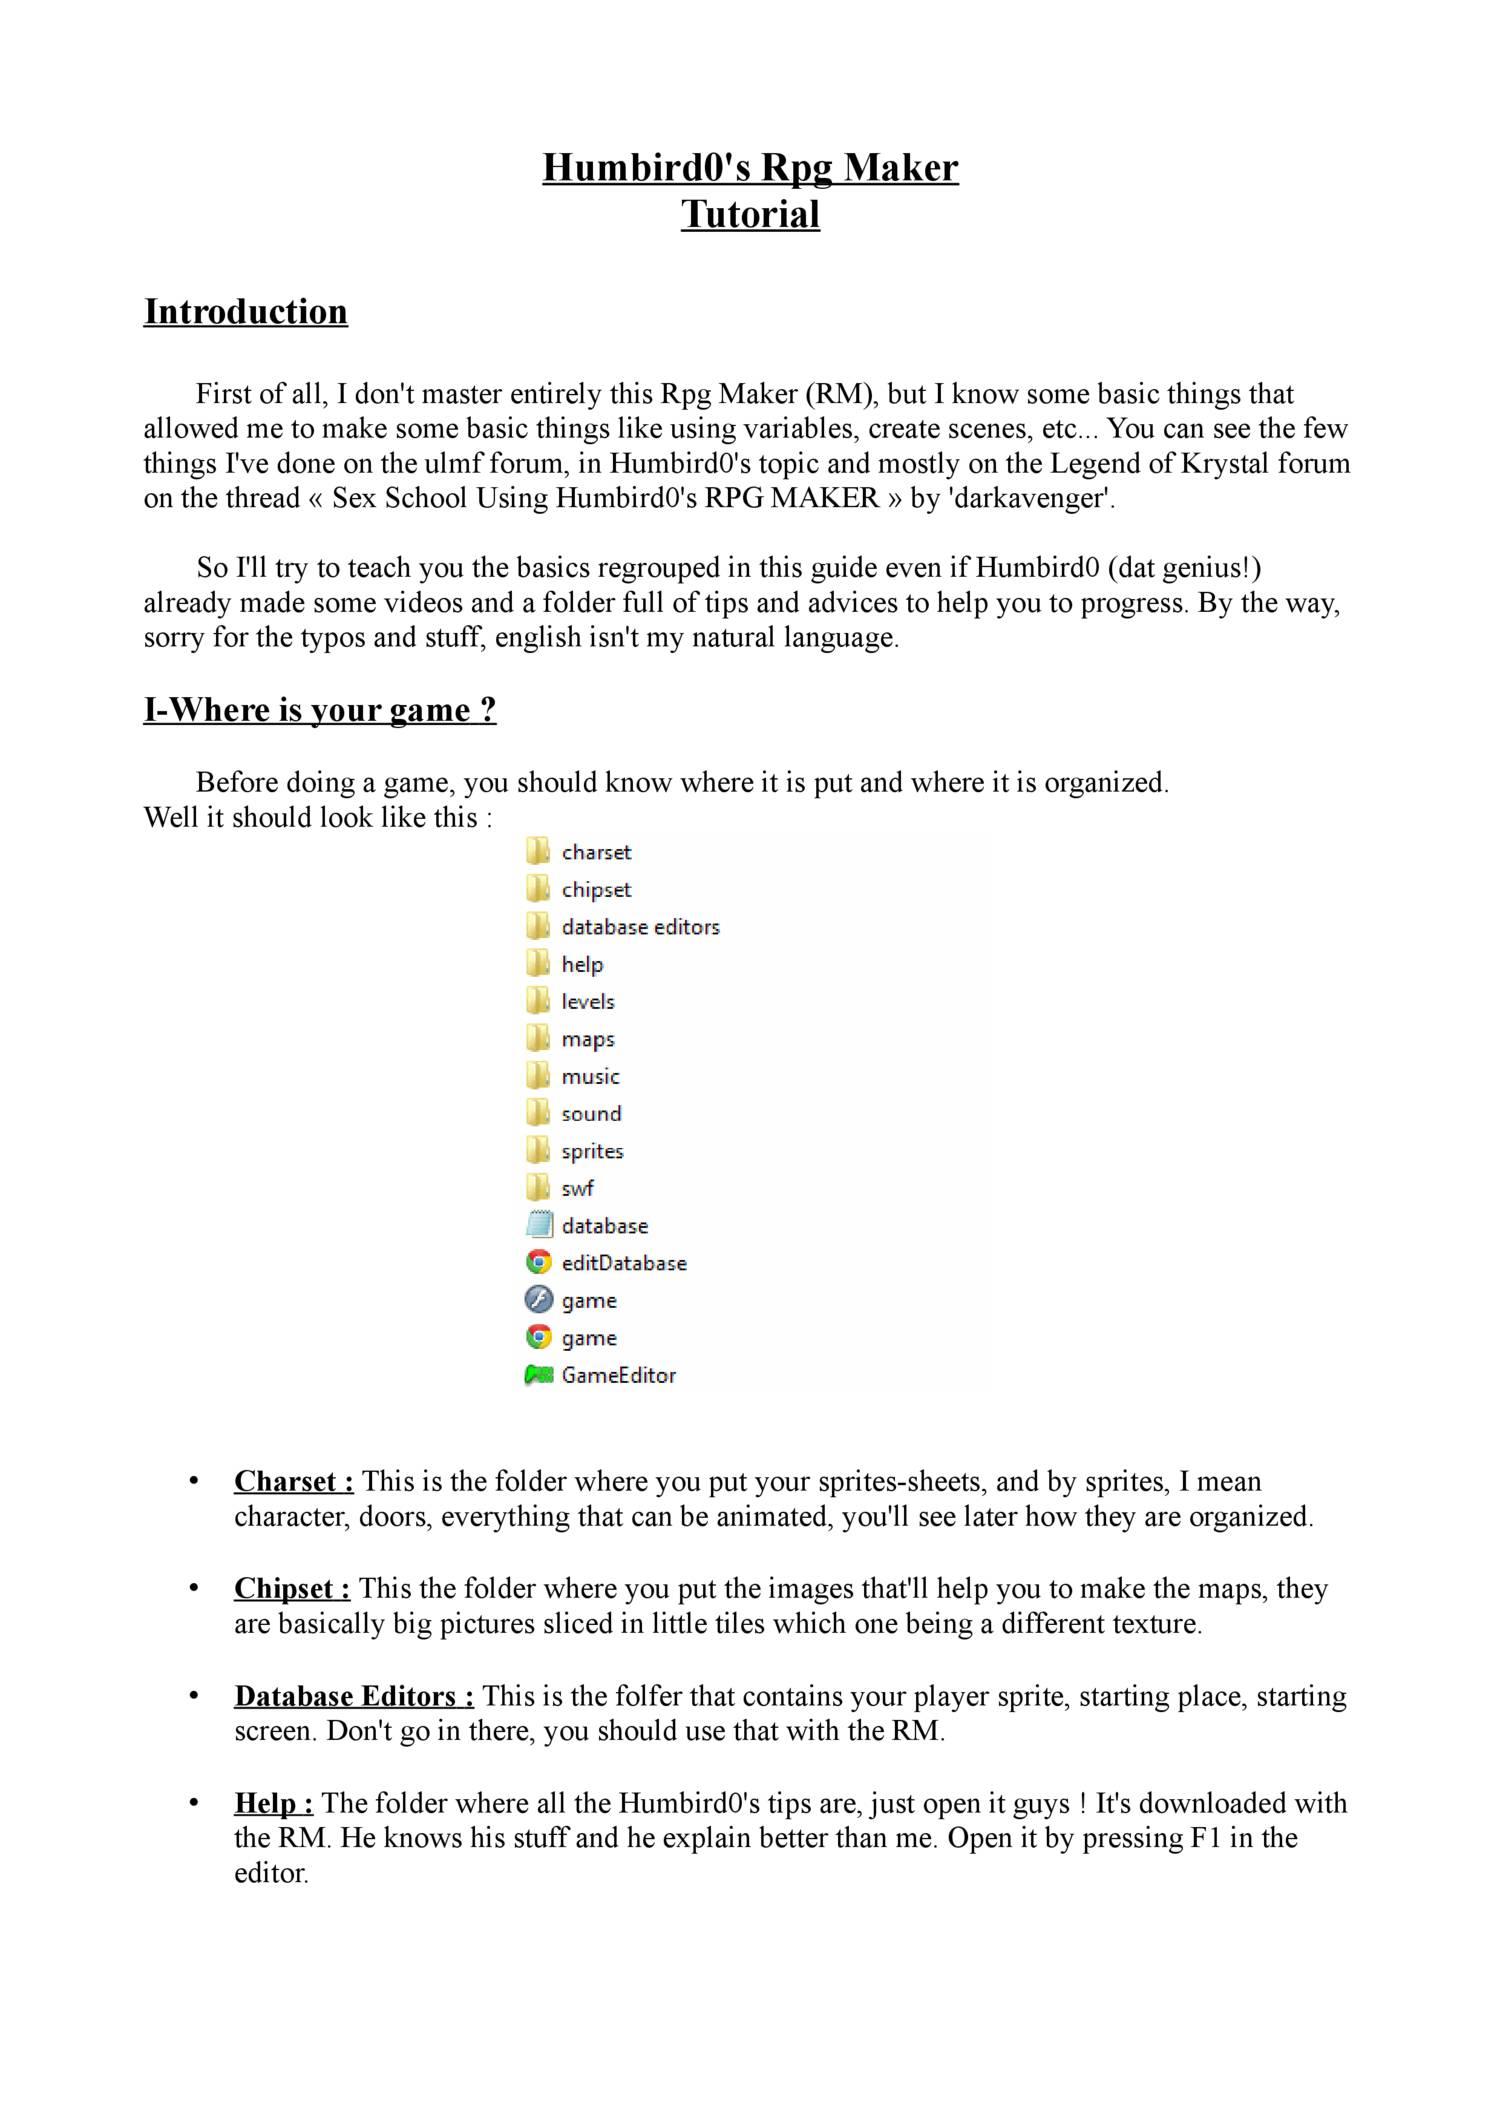 Humbird0 Games Stunning tuto.pdf - docdroid